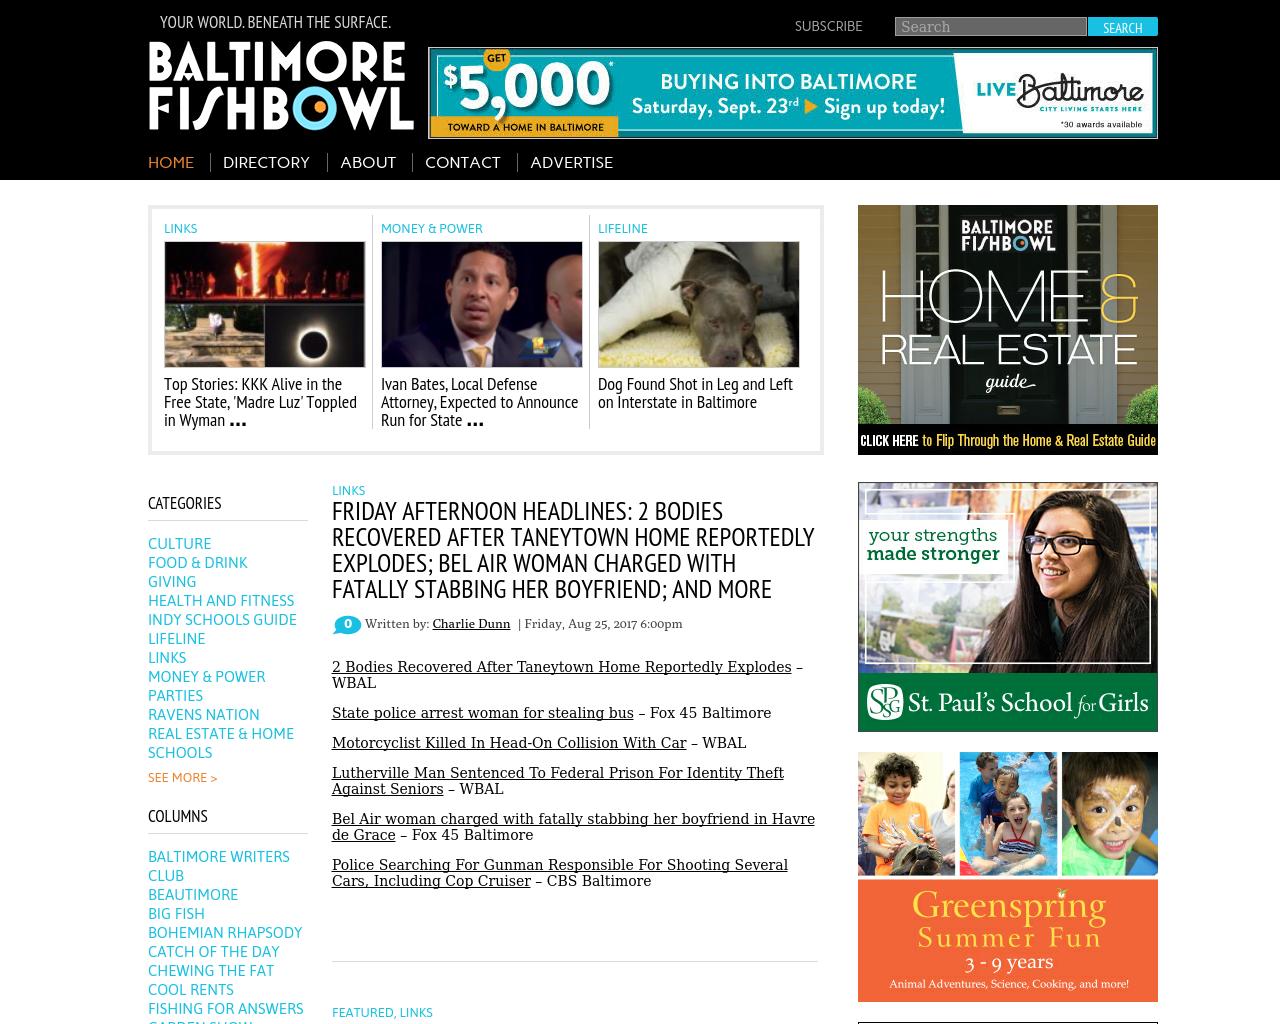 Baltimore-Fishbowl-Advertising-Reviews-Pricing